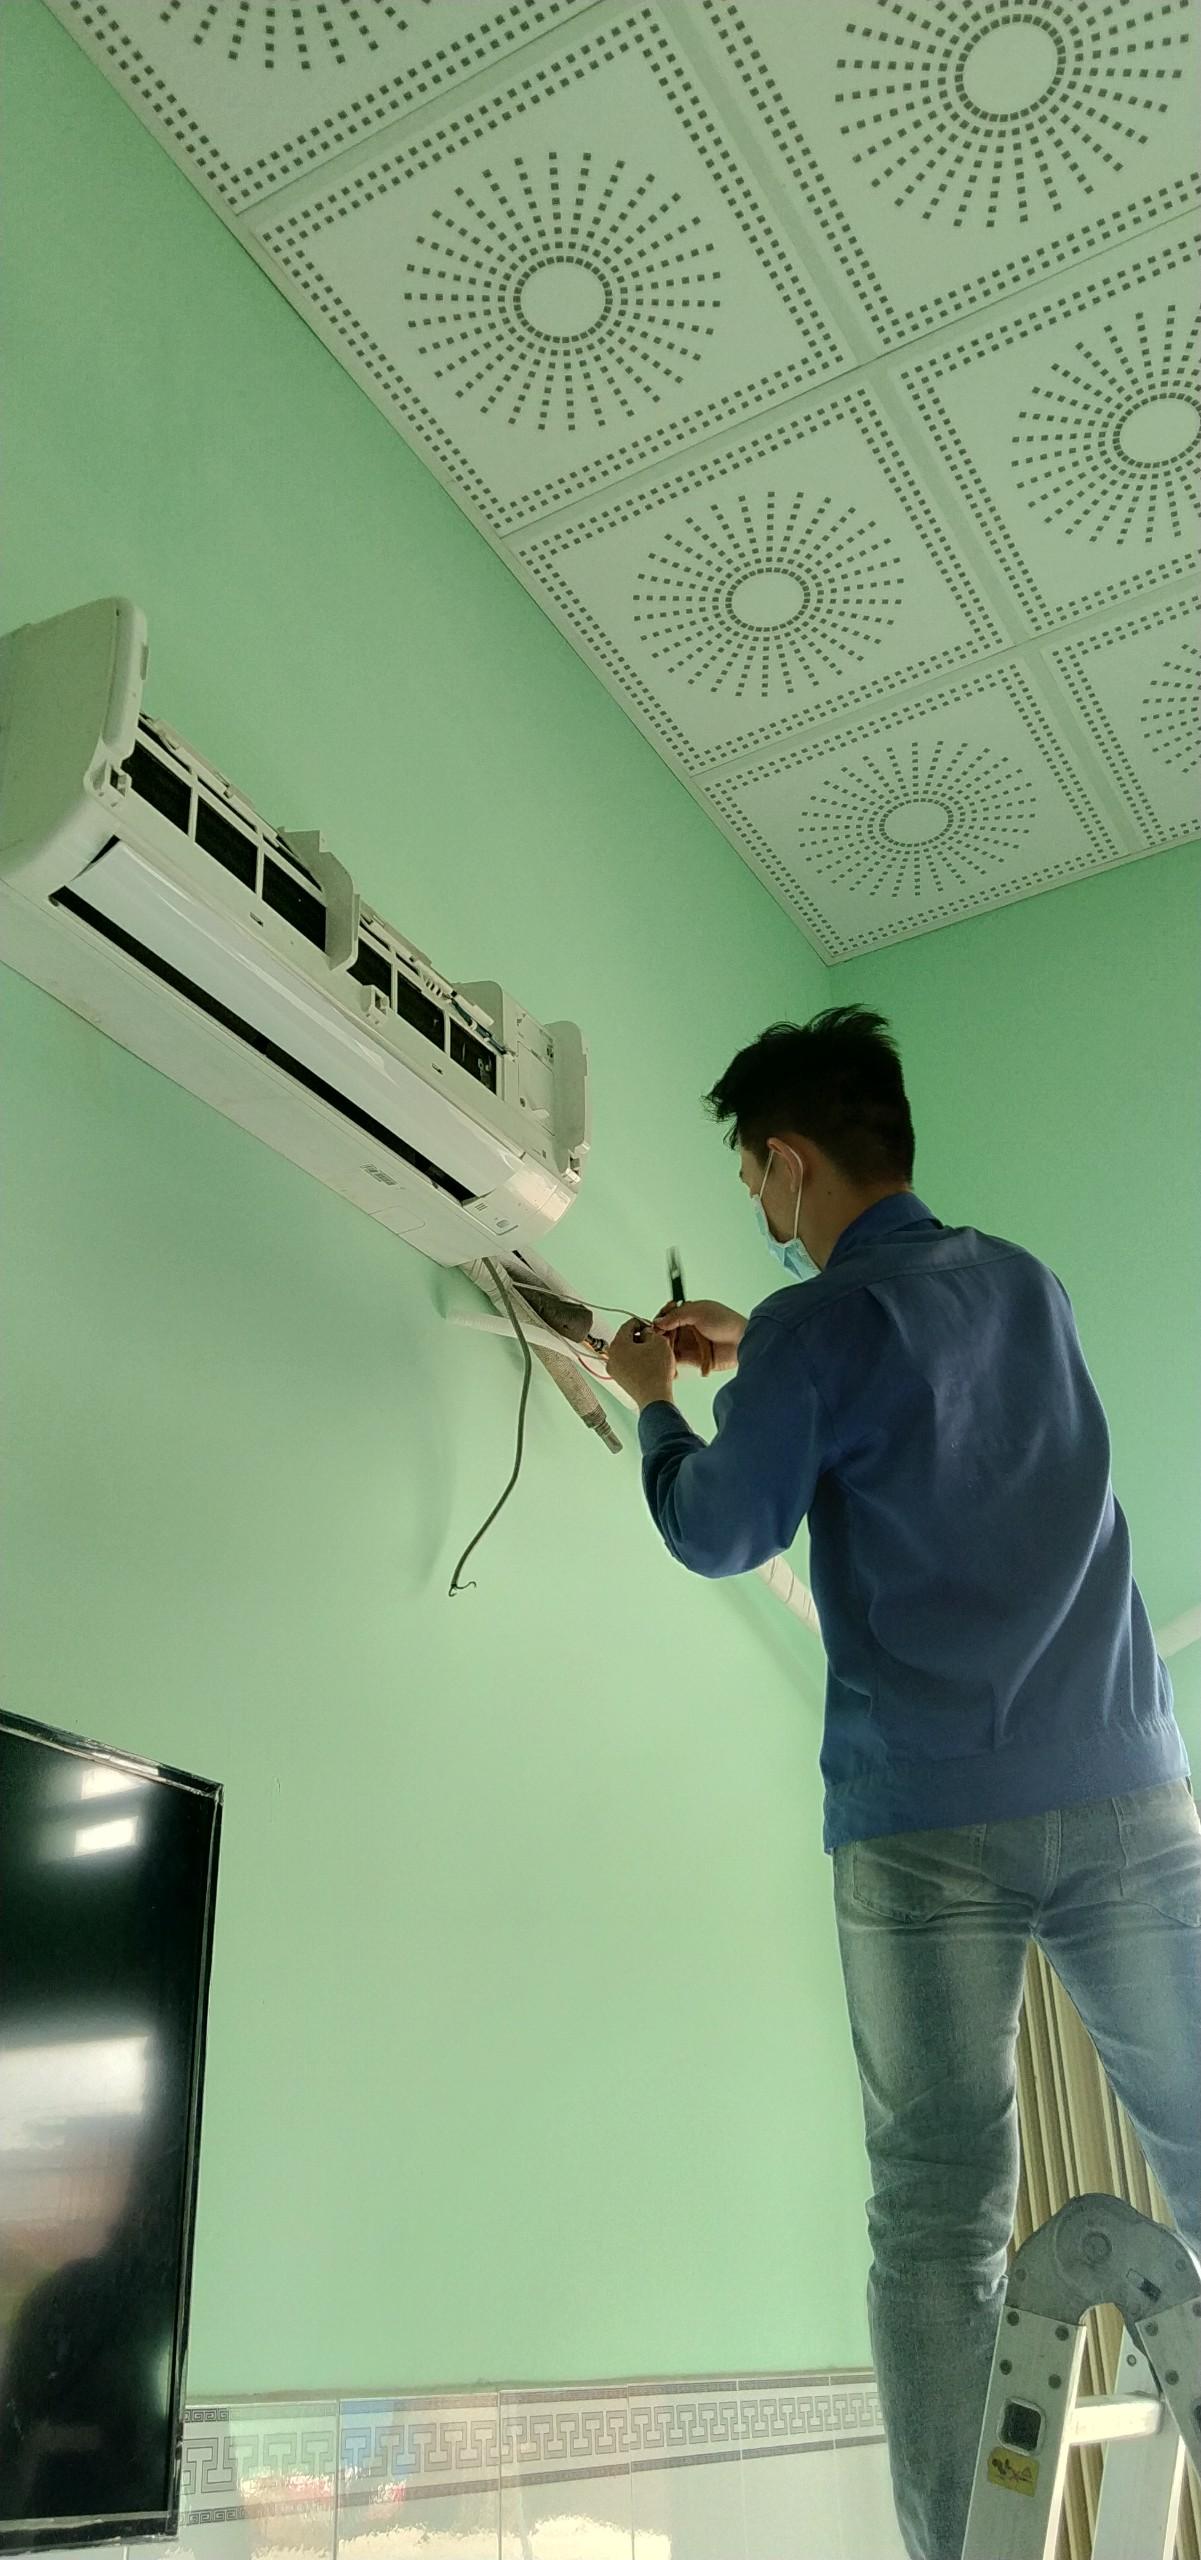 Dịch vụ vệ sinh máy lạnh tại Thủ Dầu Một 1